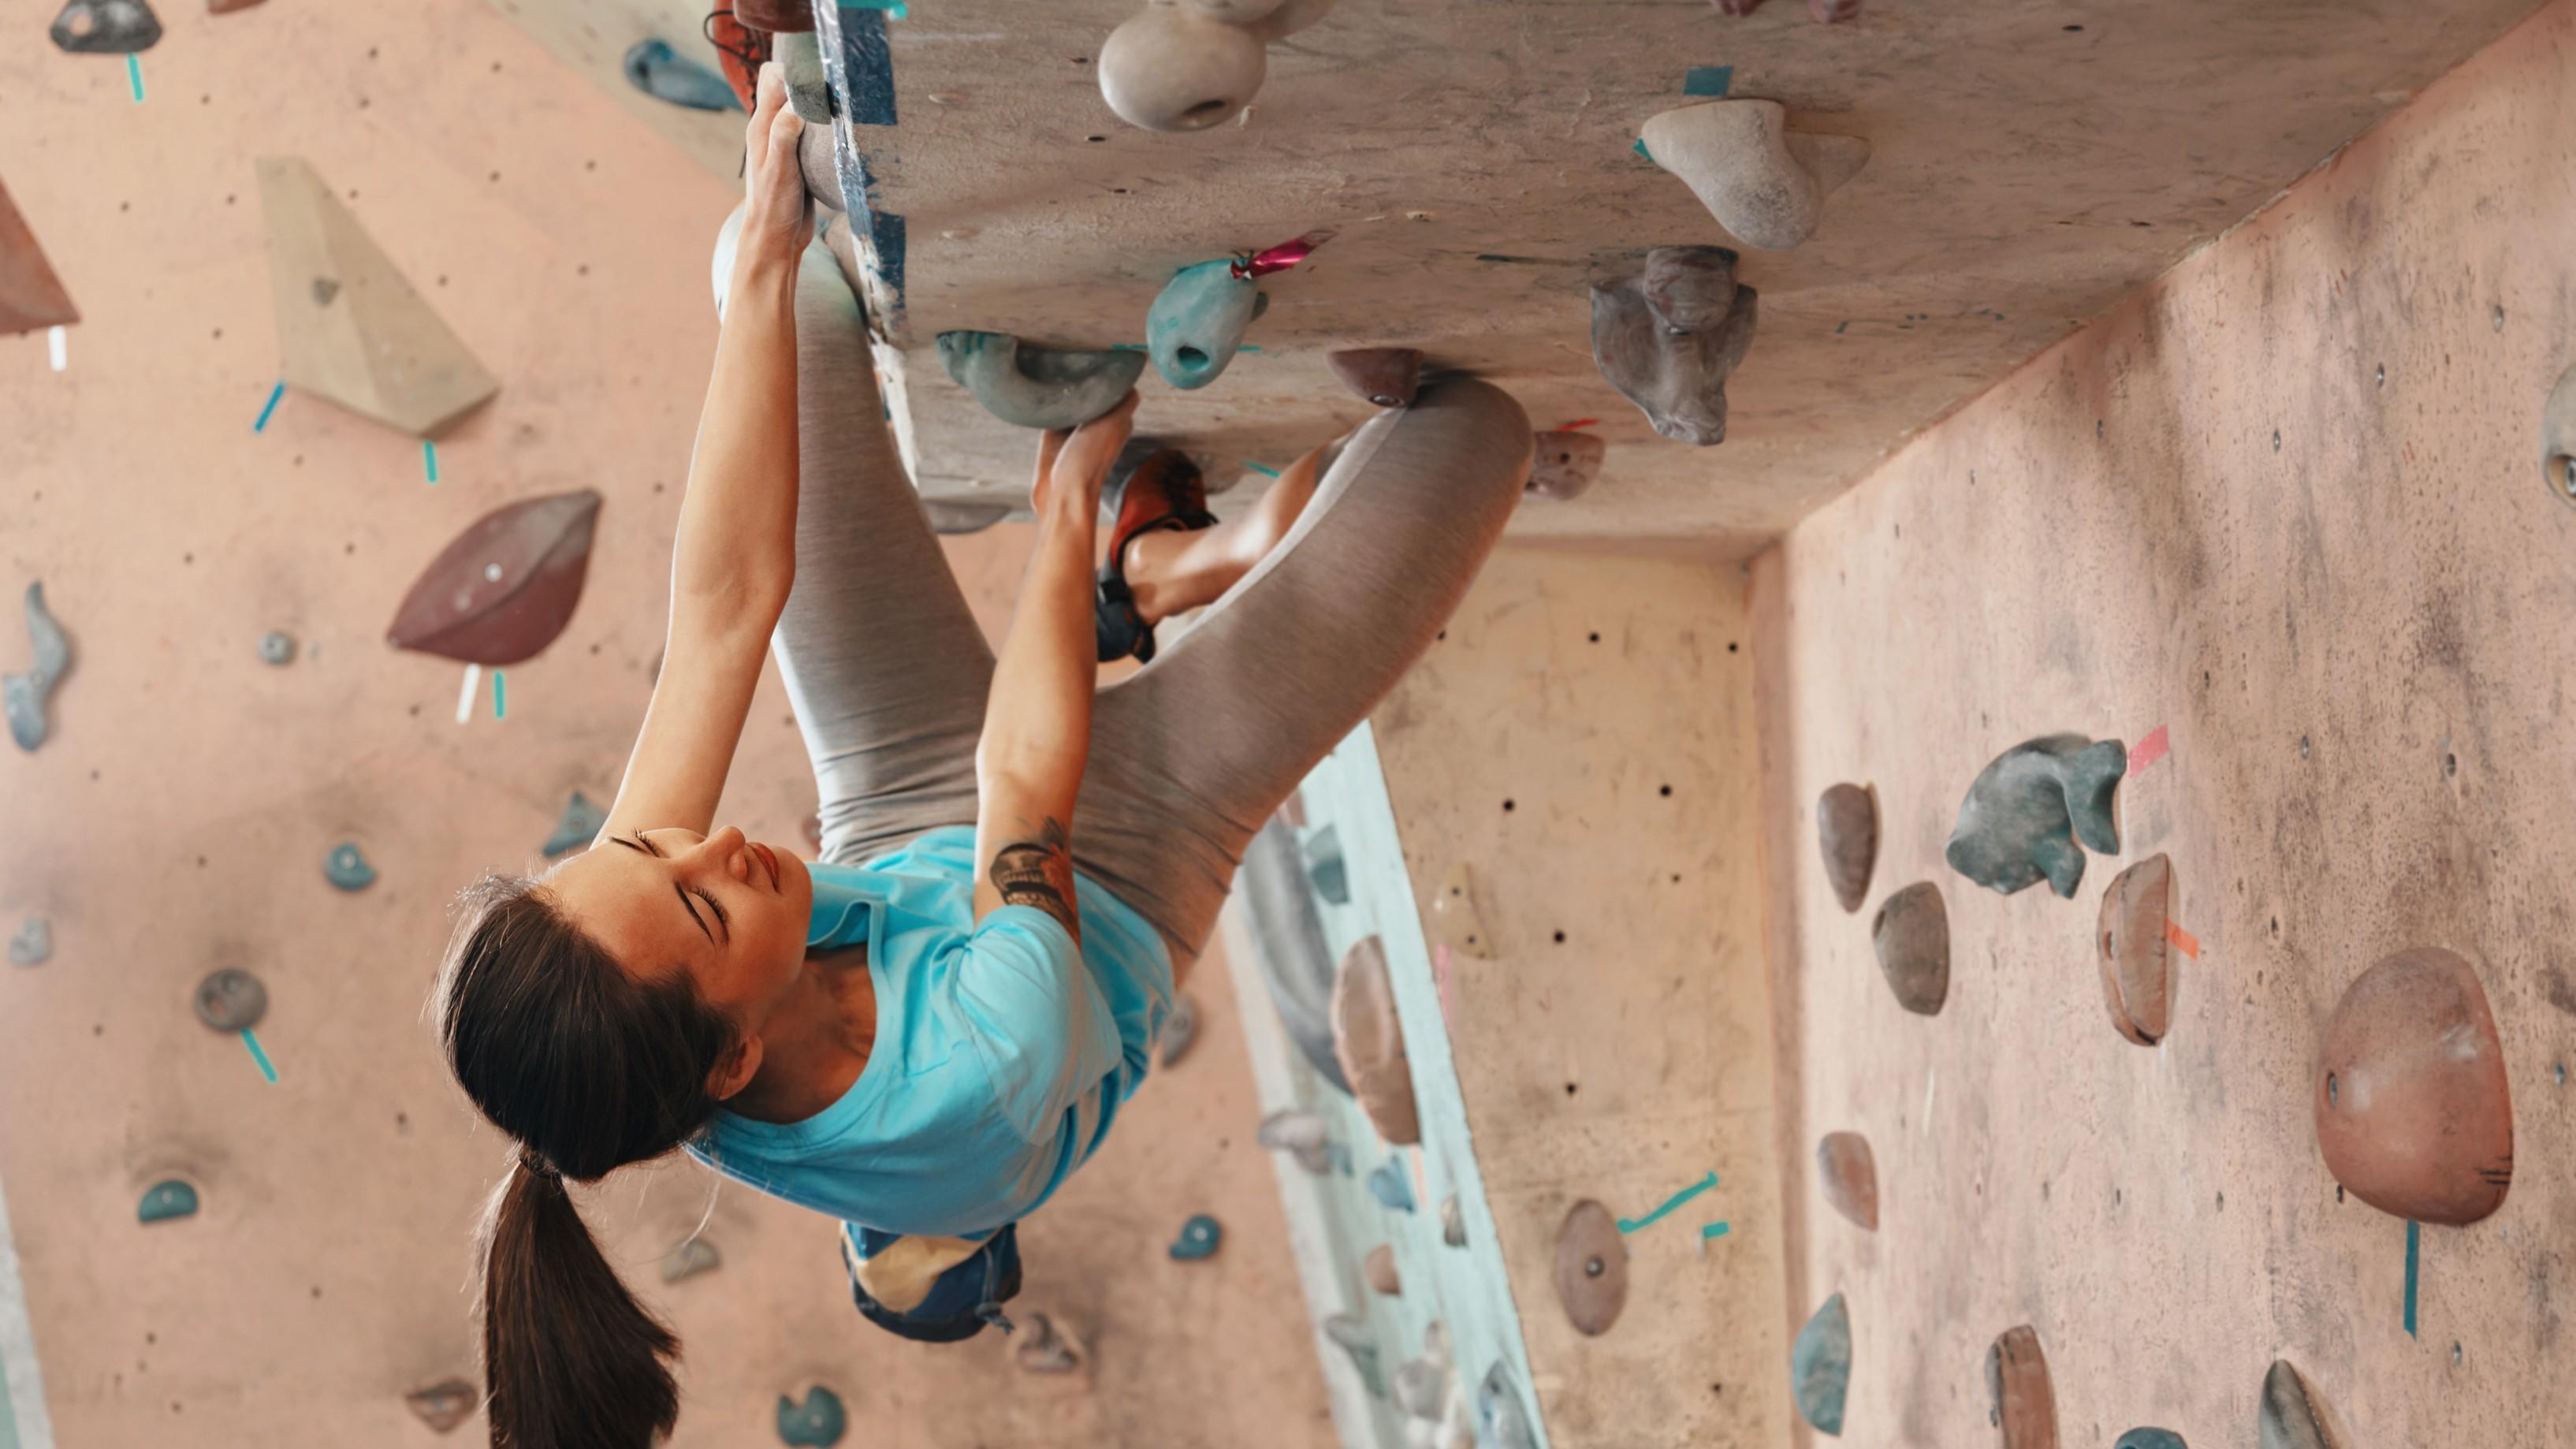 Klettergurt Seil Improvisieren : Bouldern klettern mit dem gewissen kick desired.de